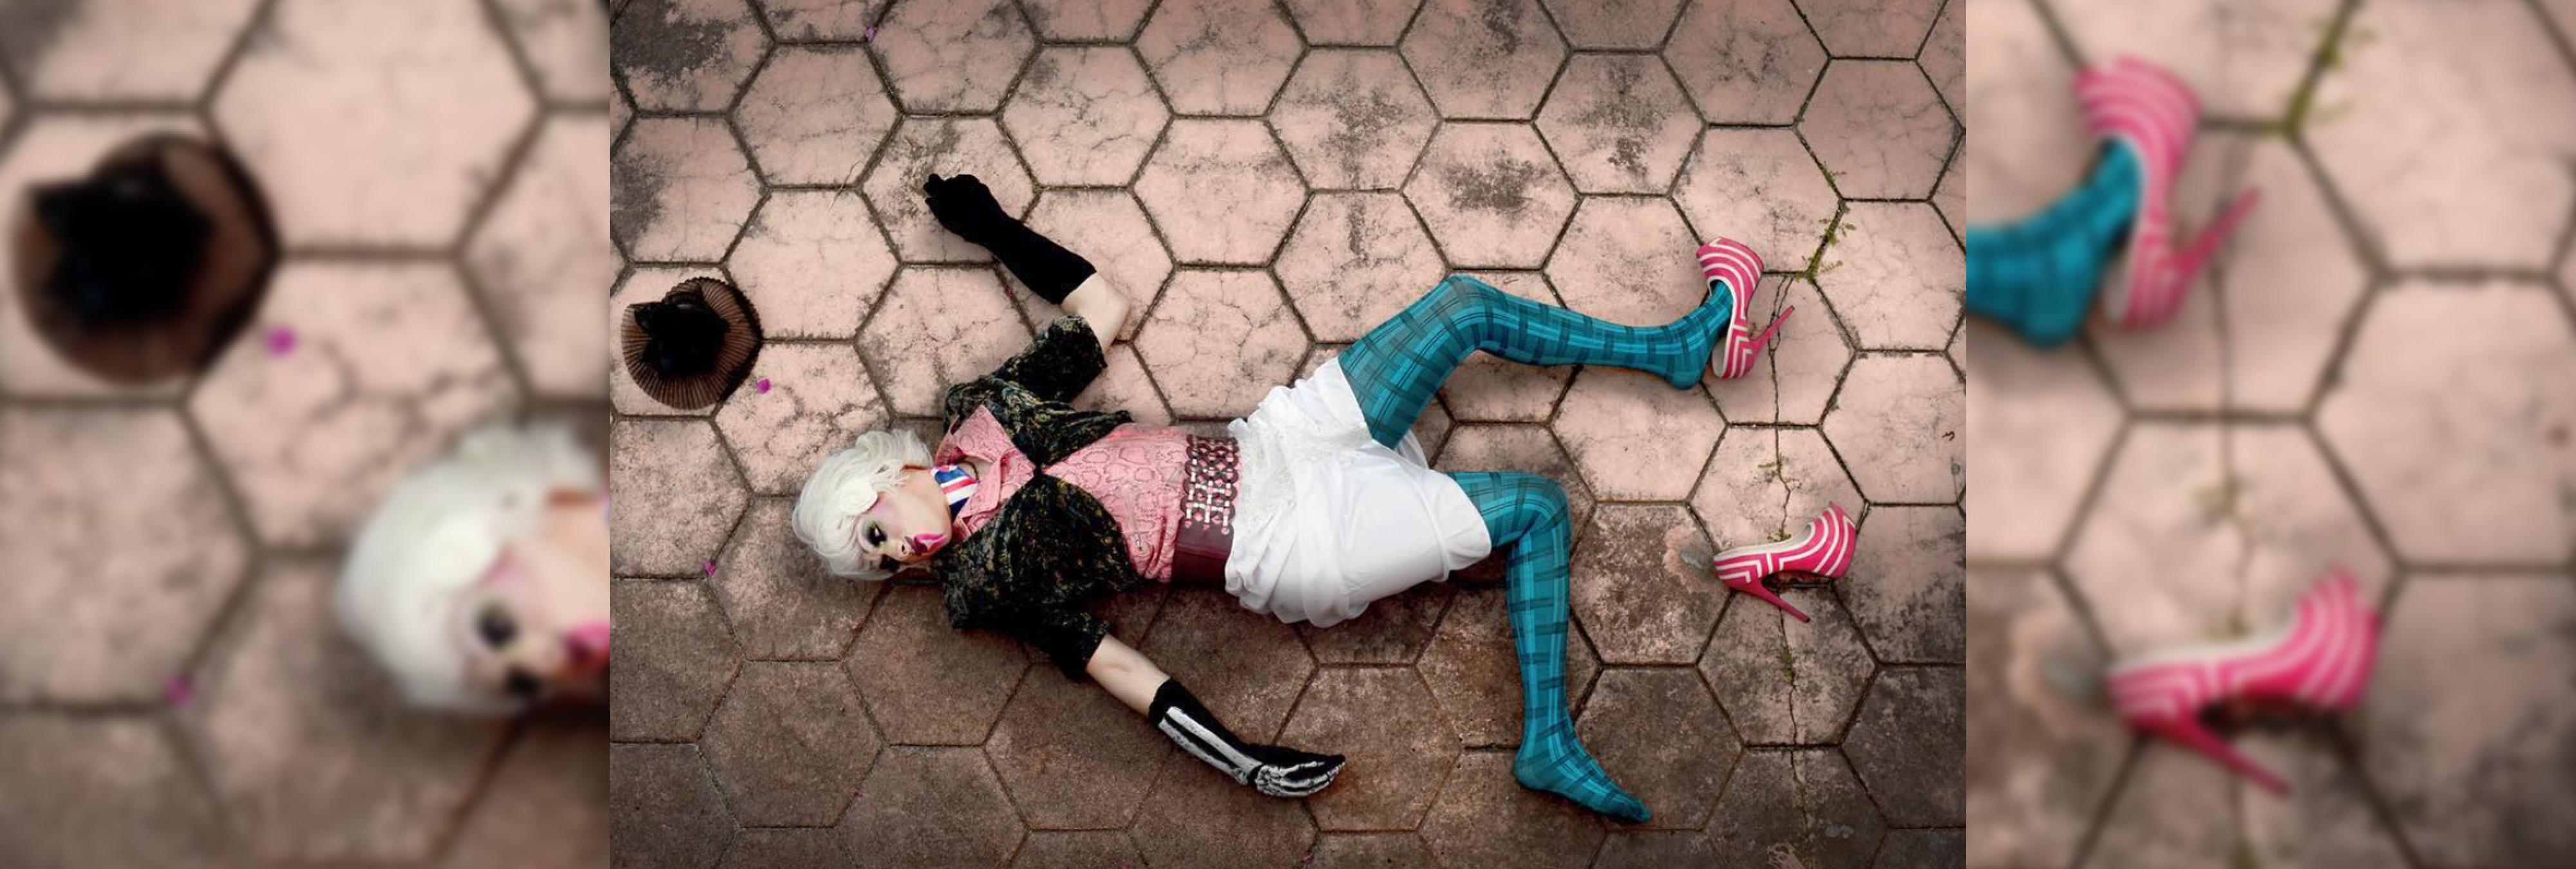 'Death Pose': El macabro reto viral que consiste en imitar una muerte violenta